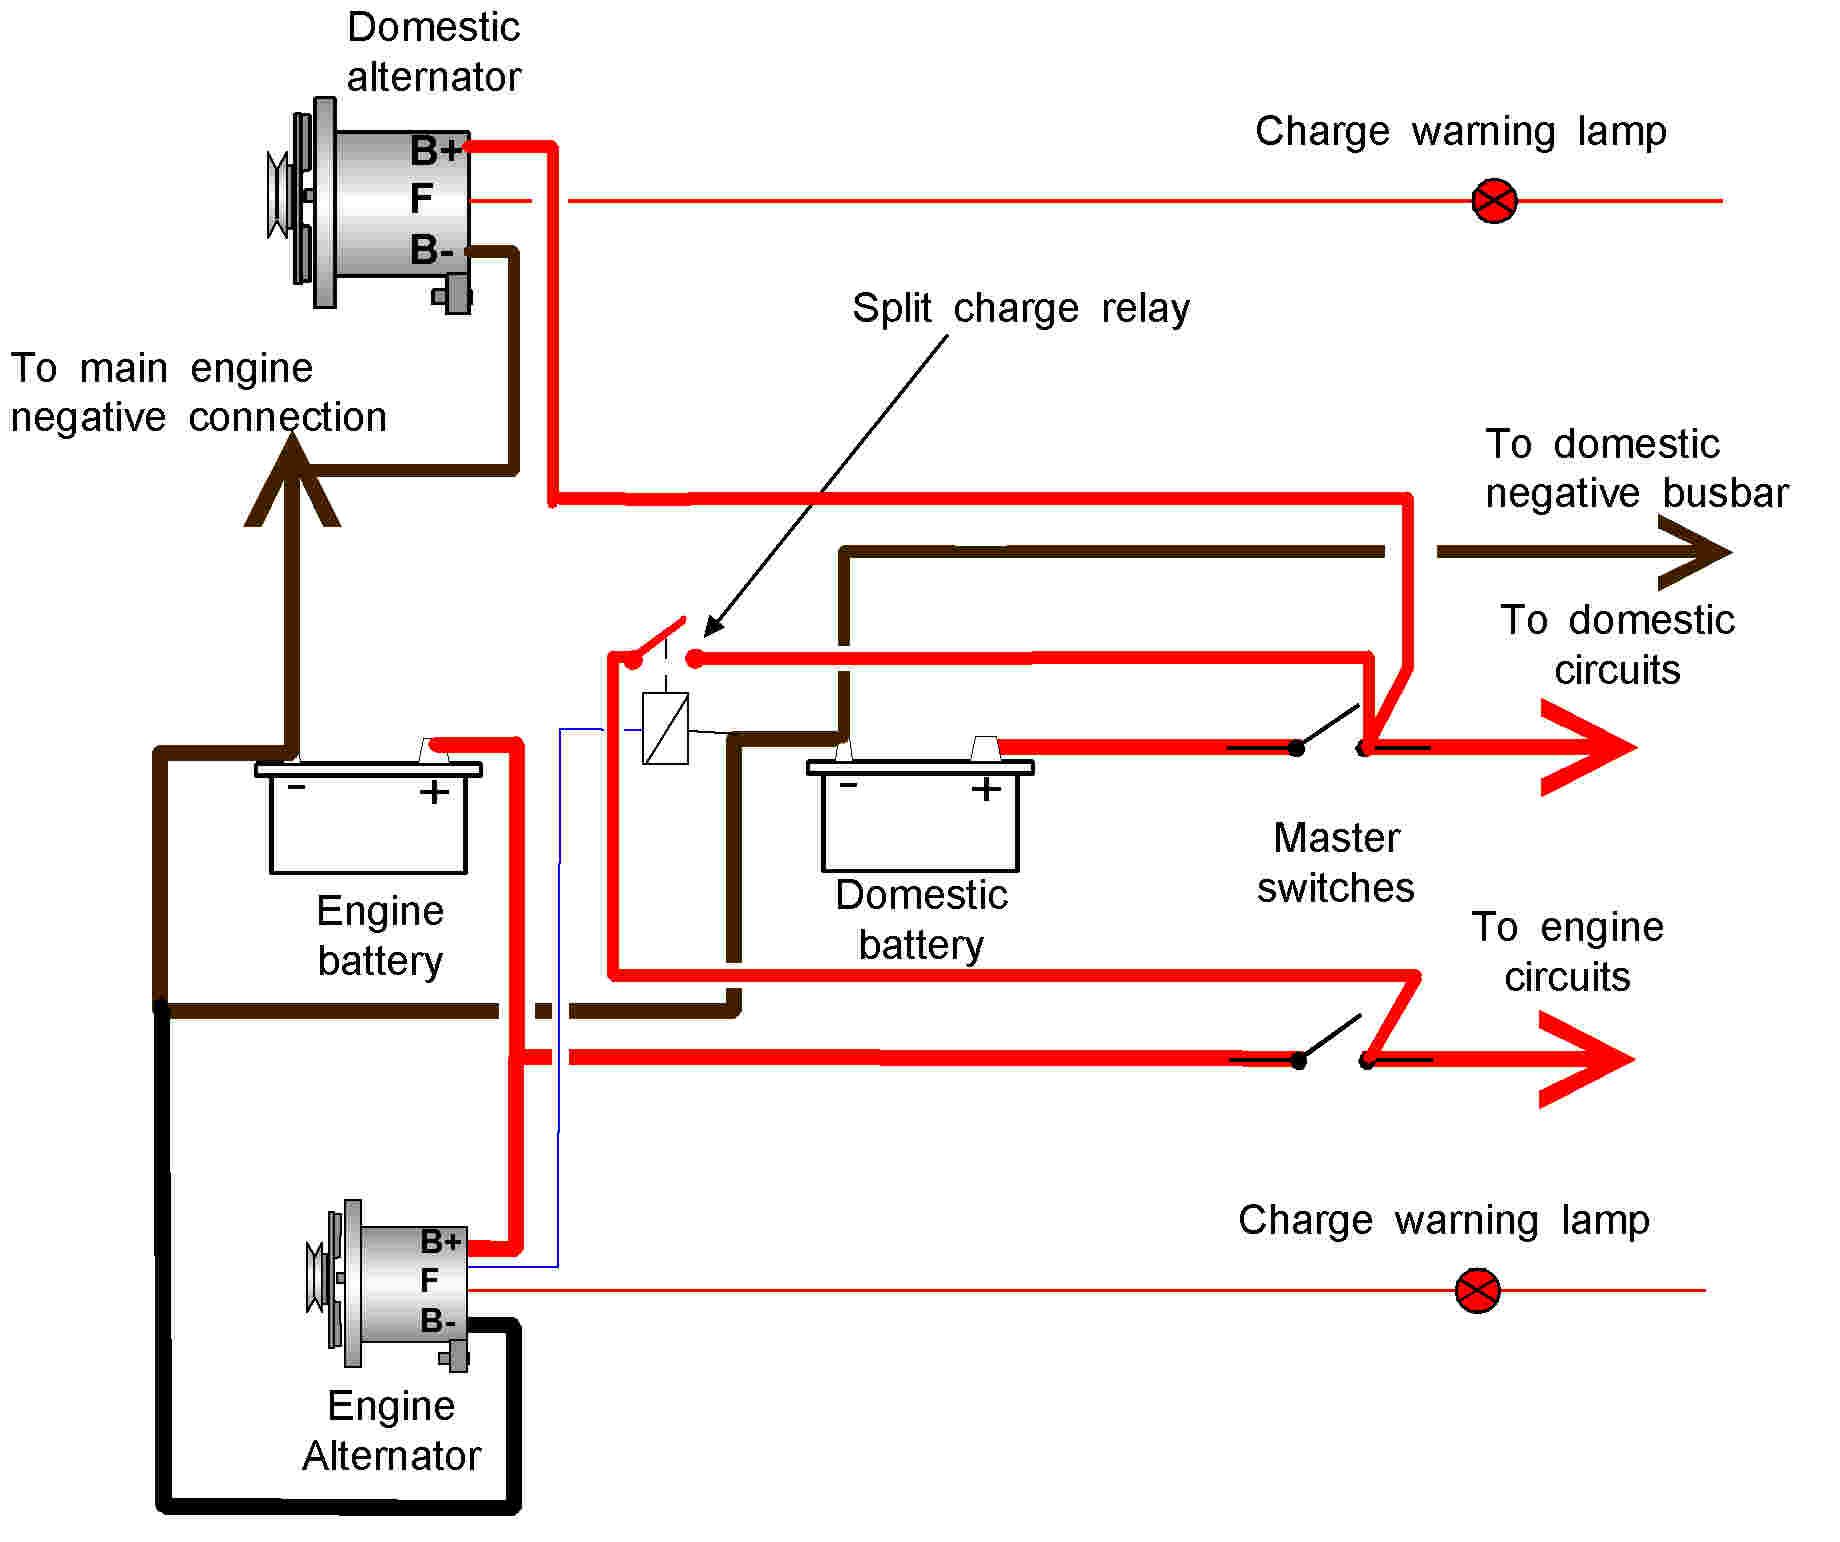 hight resolution of international alternator wiring diagram